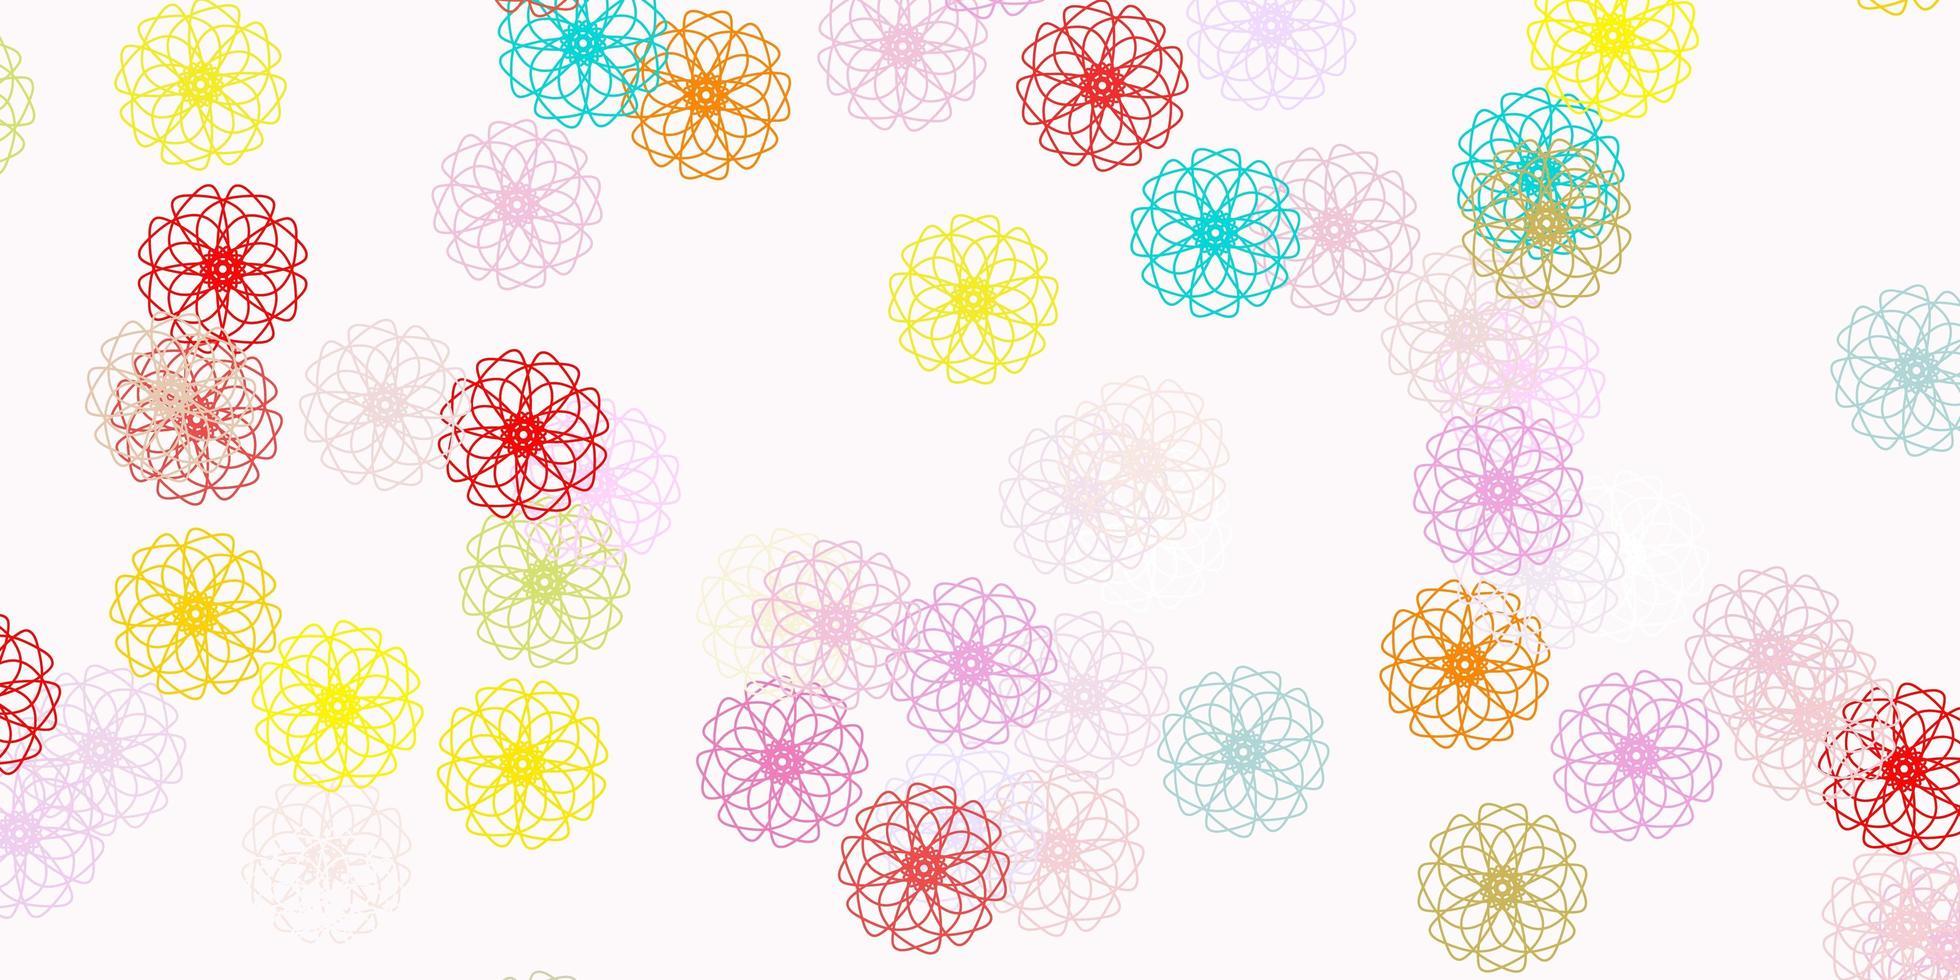 ljus flerfärgad vektor naturlig layout med blommor.